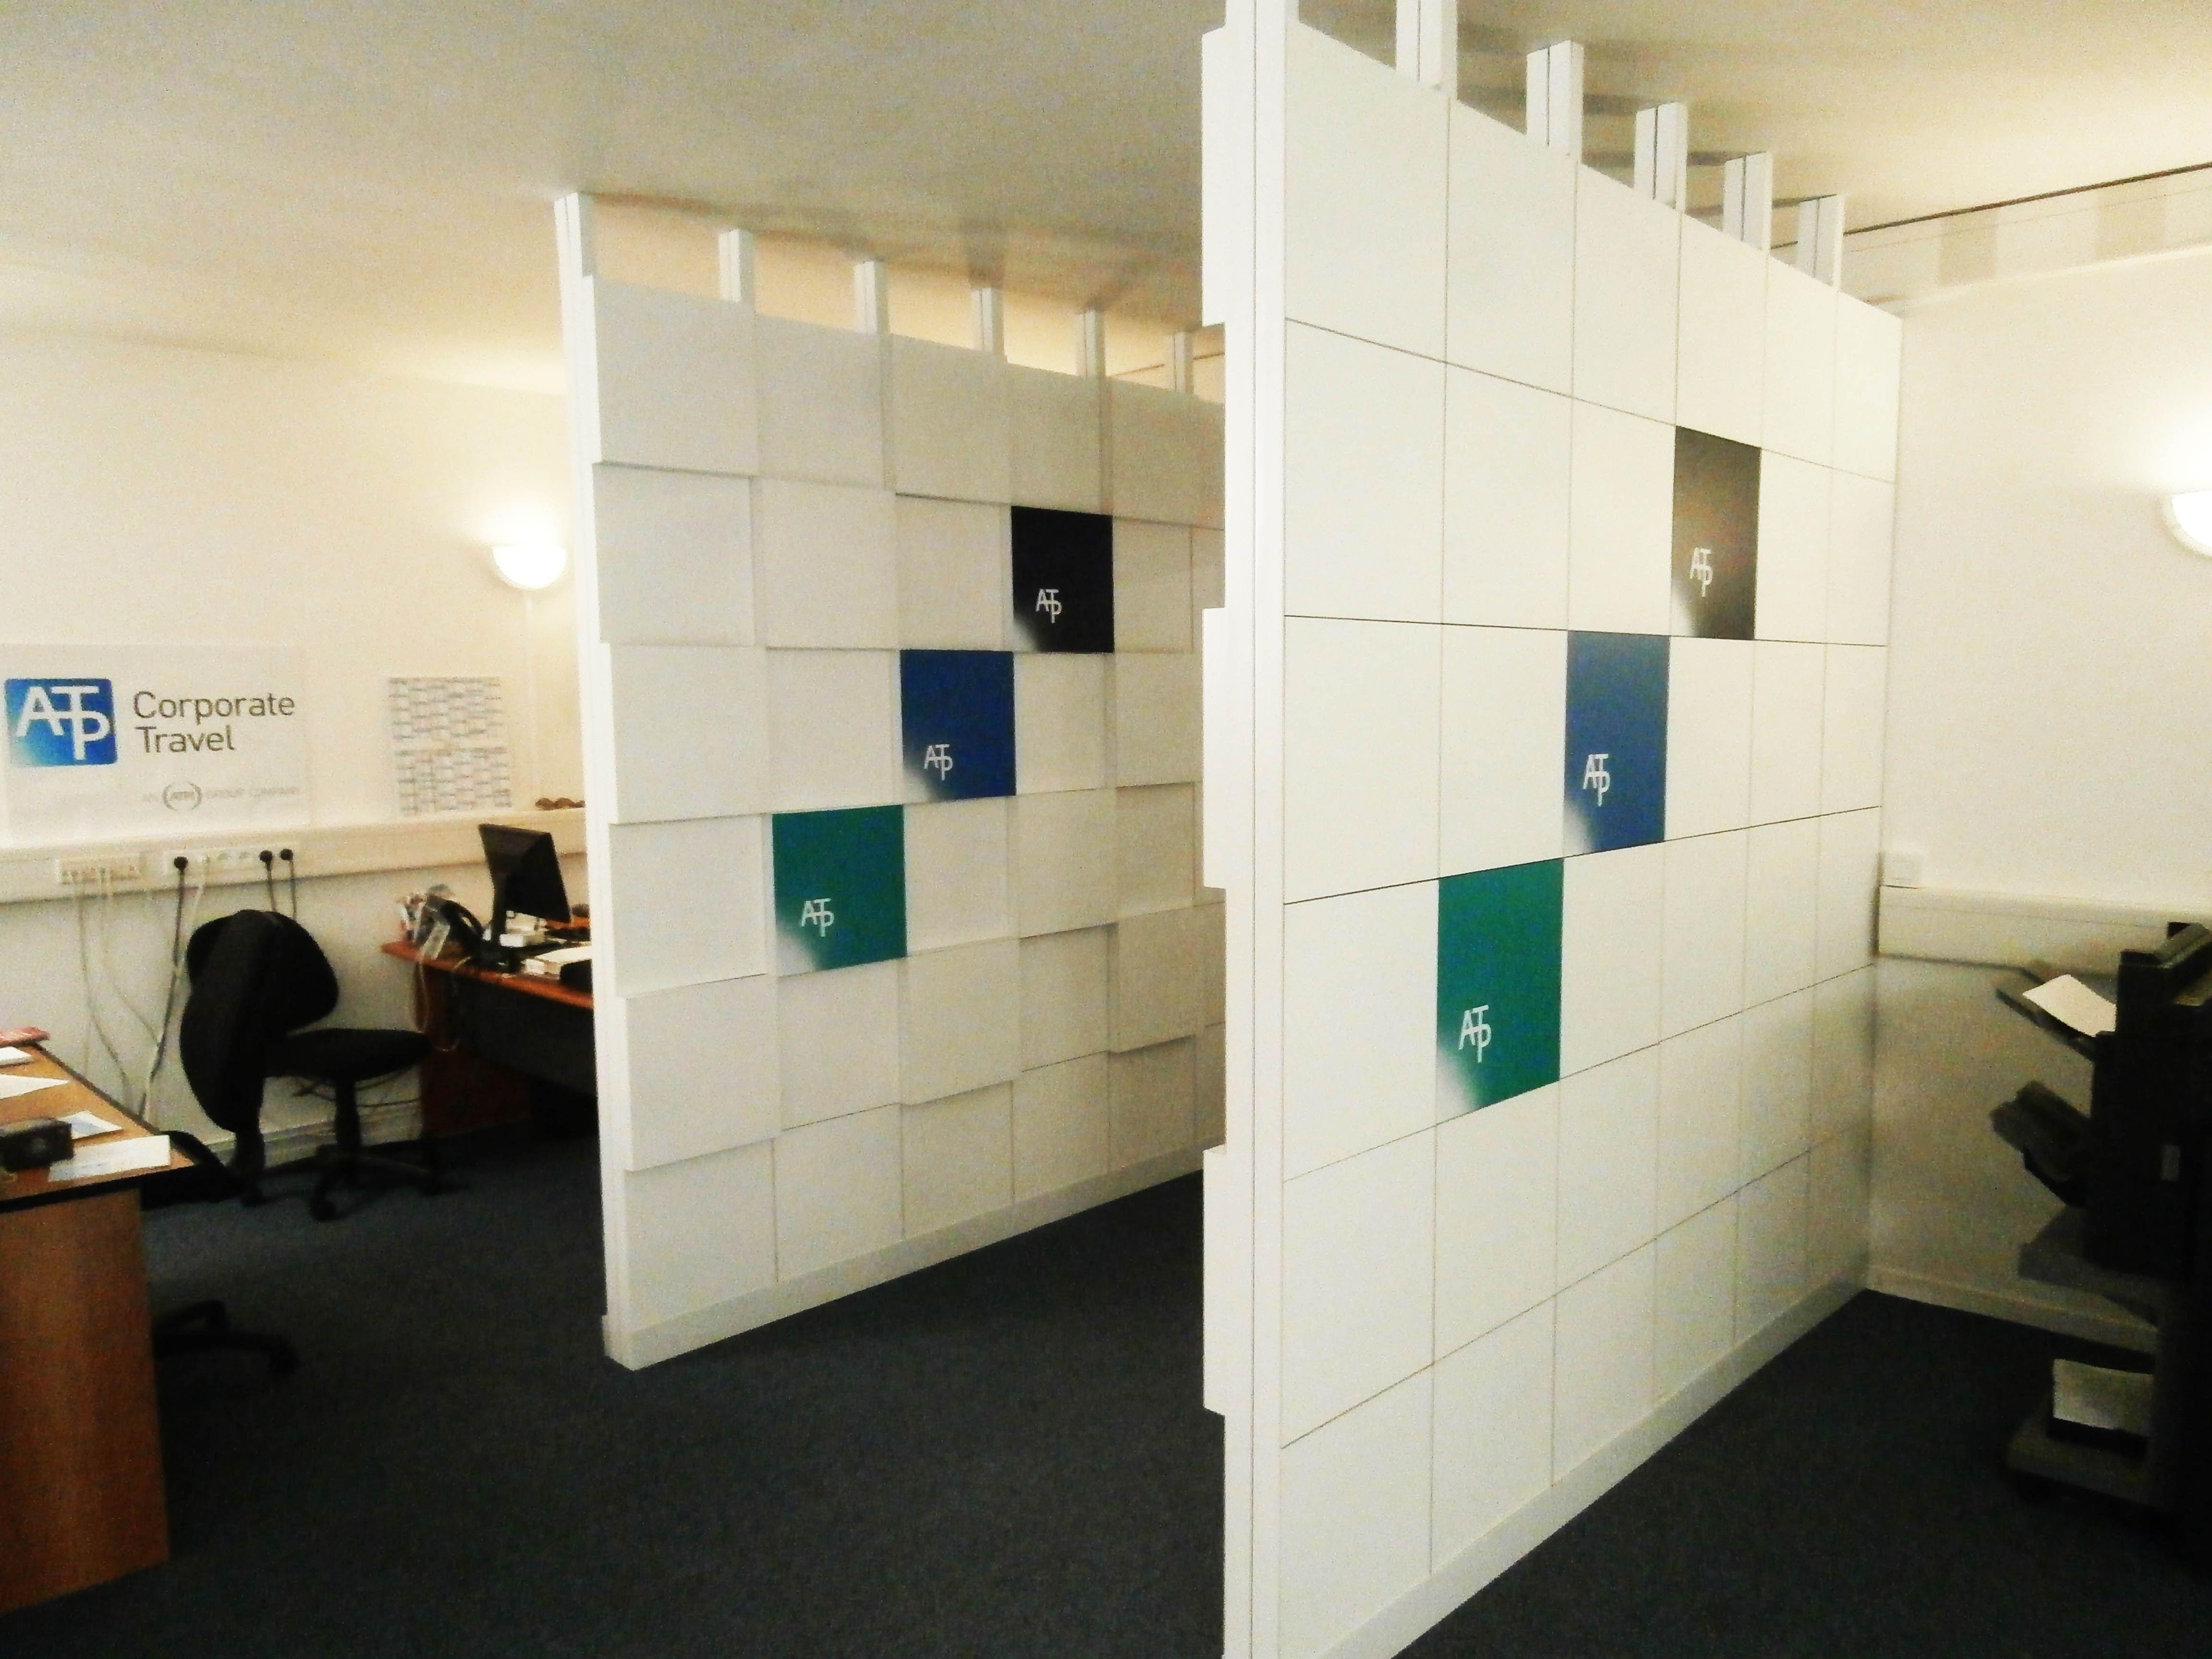 Tabiques Separadores de Ambientes de Serastone para oficinas. Más ...